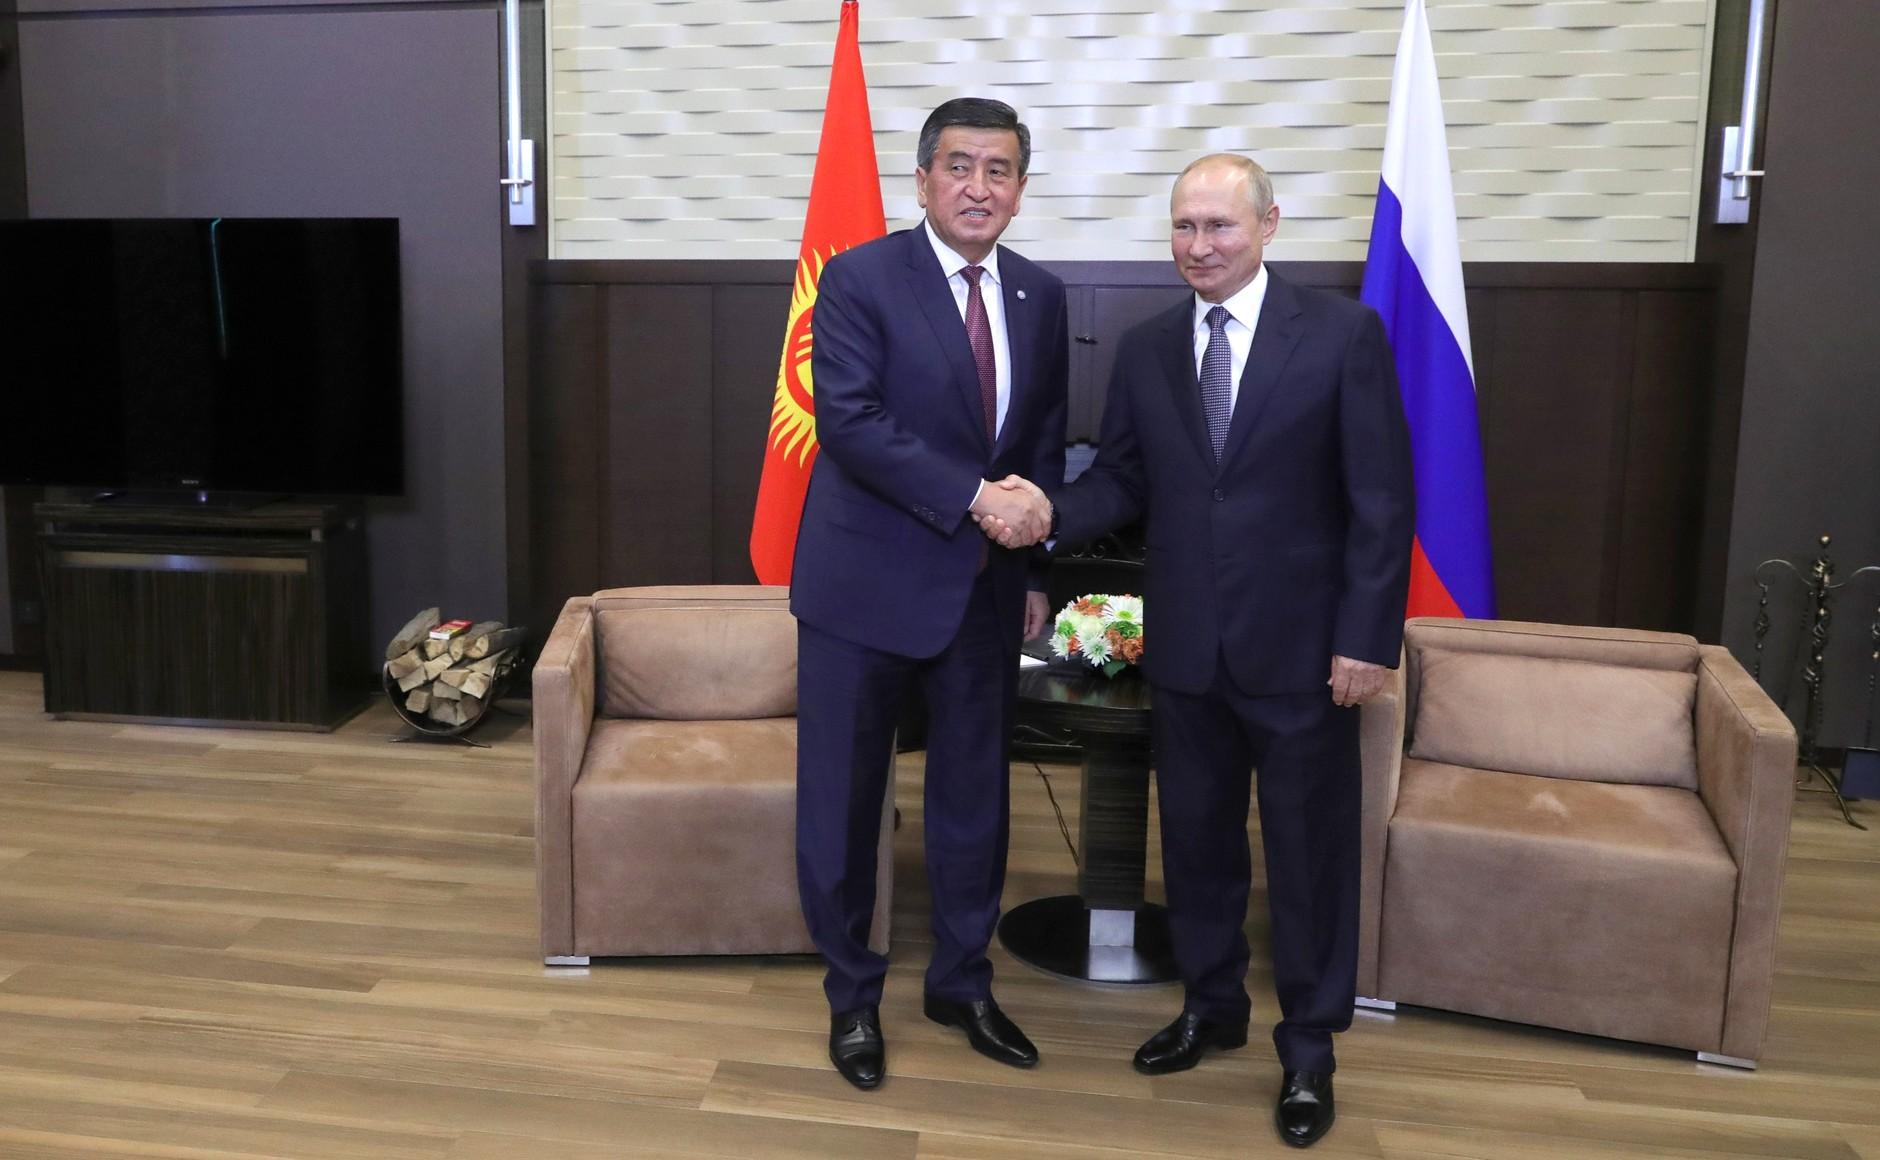 KREMLIN SOCHI PH 2 X 3 DU 28.09.2020 Avec le président de la République kirghize Sooronbay Jeenbekov. MGbosewOKQZHtow4cWJaOsZ7rTylqSjV